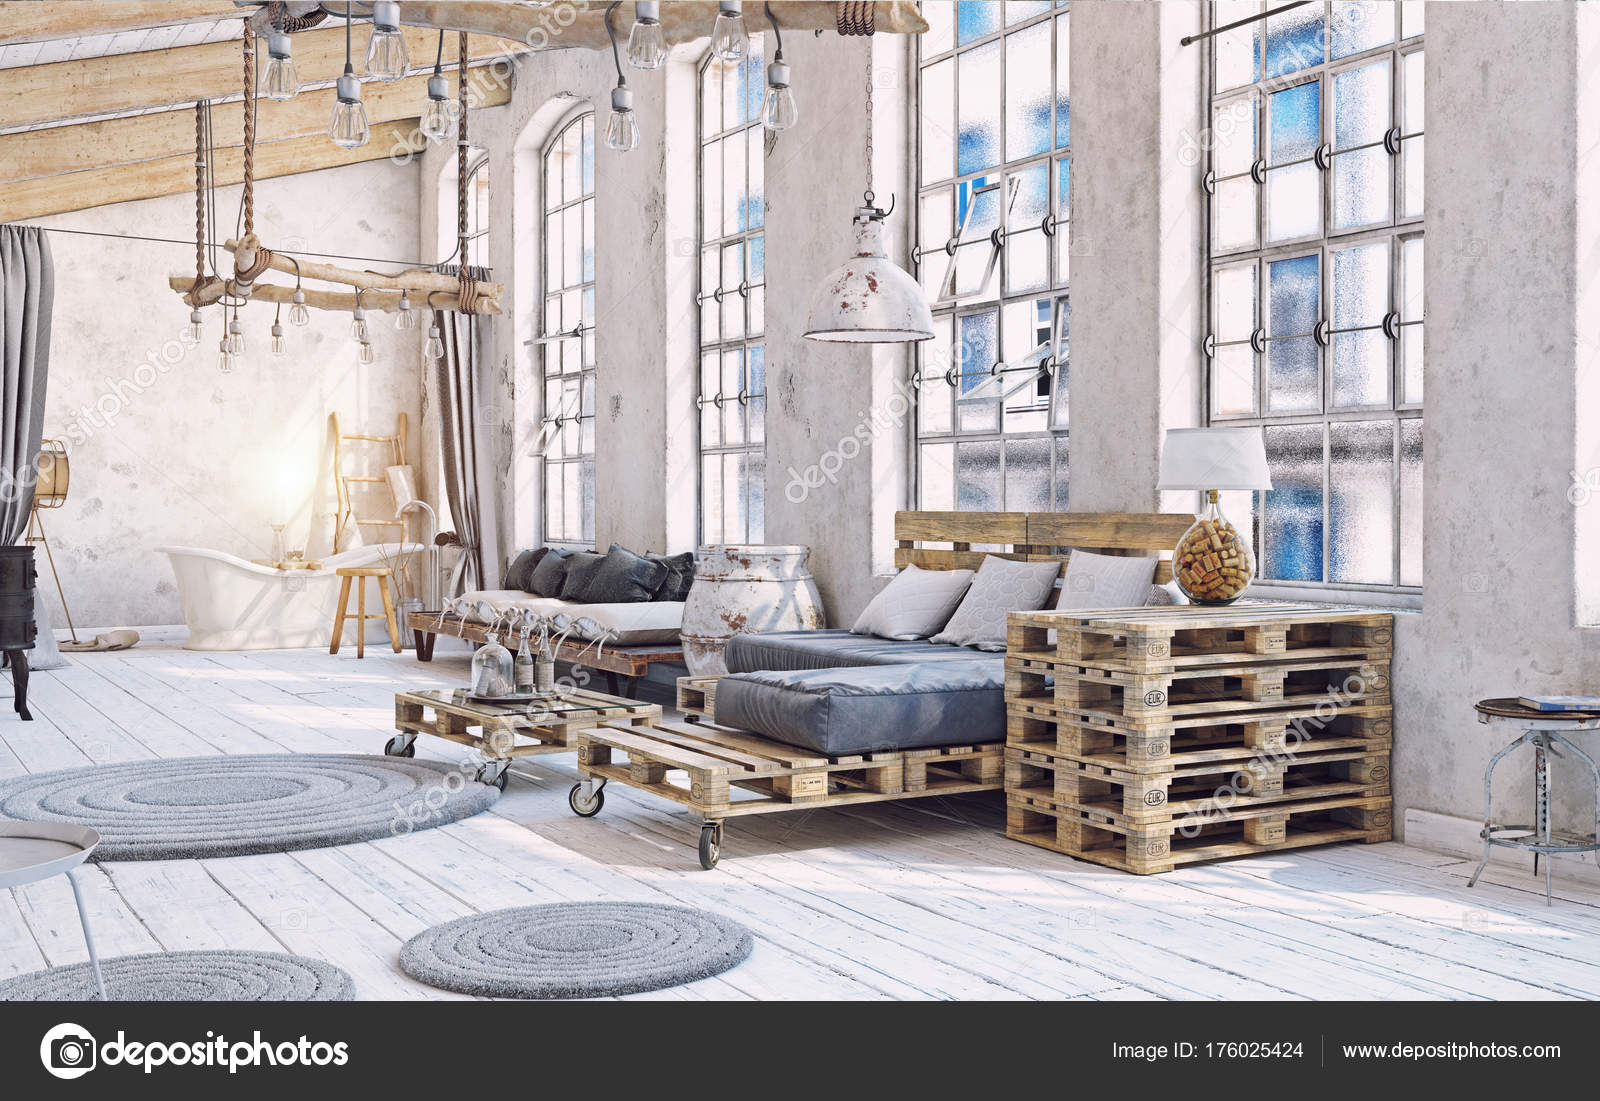 Zolder Woonkamer Interieur Pallet Meubelen Afbeelding — Stockfoto ...